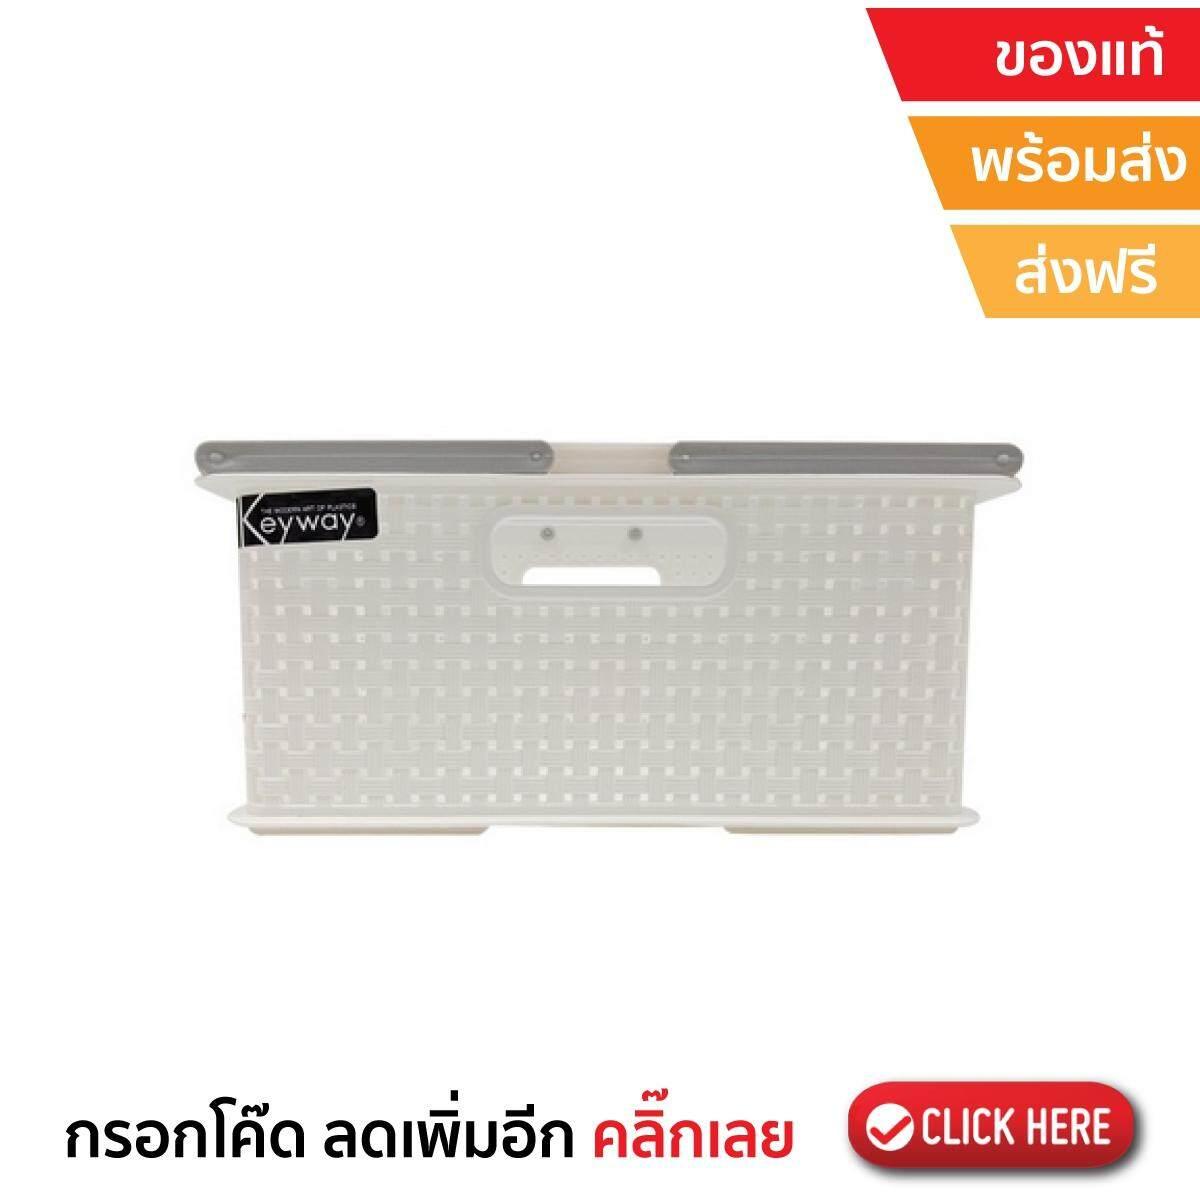 ลดสุดๆ กล่องเก็บของ กล่องเก็บของเล่น กล่องเก็บหนังสือ SMALL BOX WITH LOOP WHITE กล่องหูหิ้ว 39.2x27.9x13.3 DW-310 ขาว ส่ง kerry เก็บเงินปลายทาง